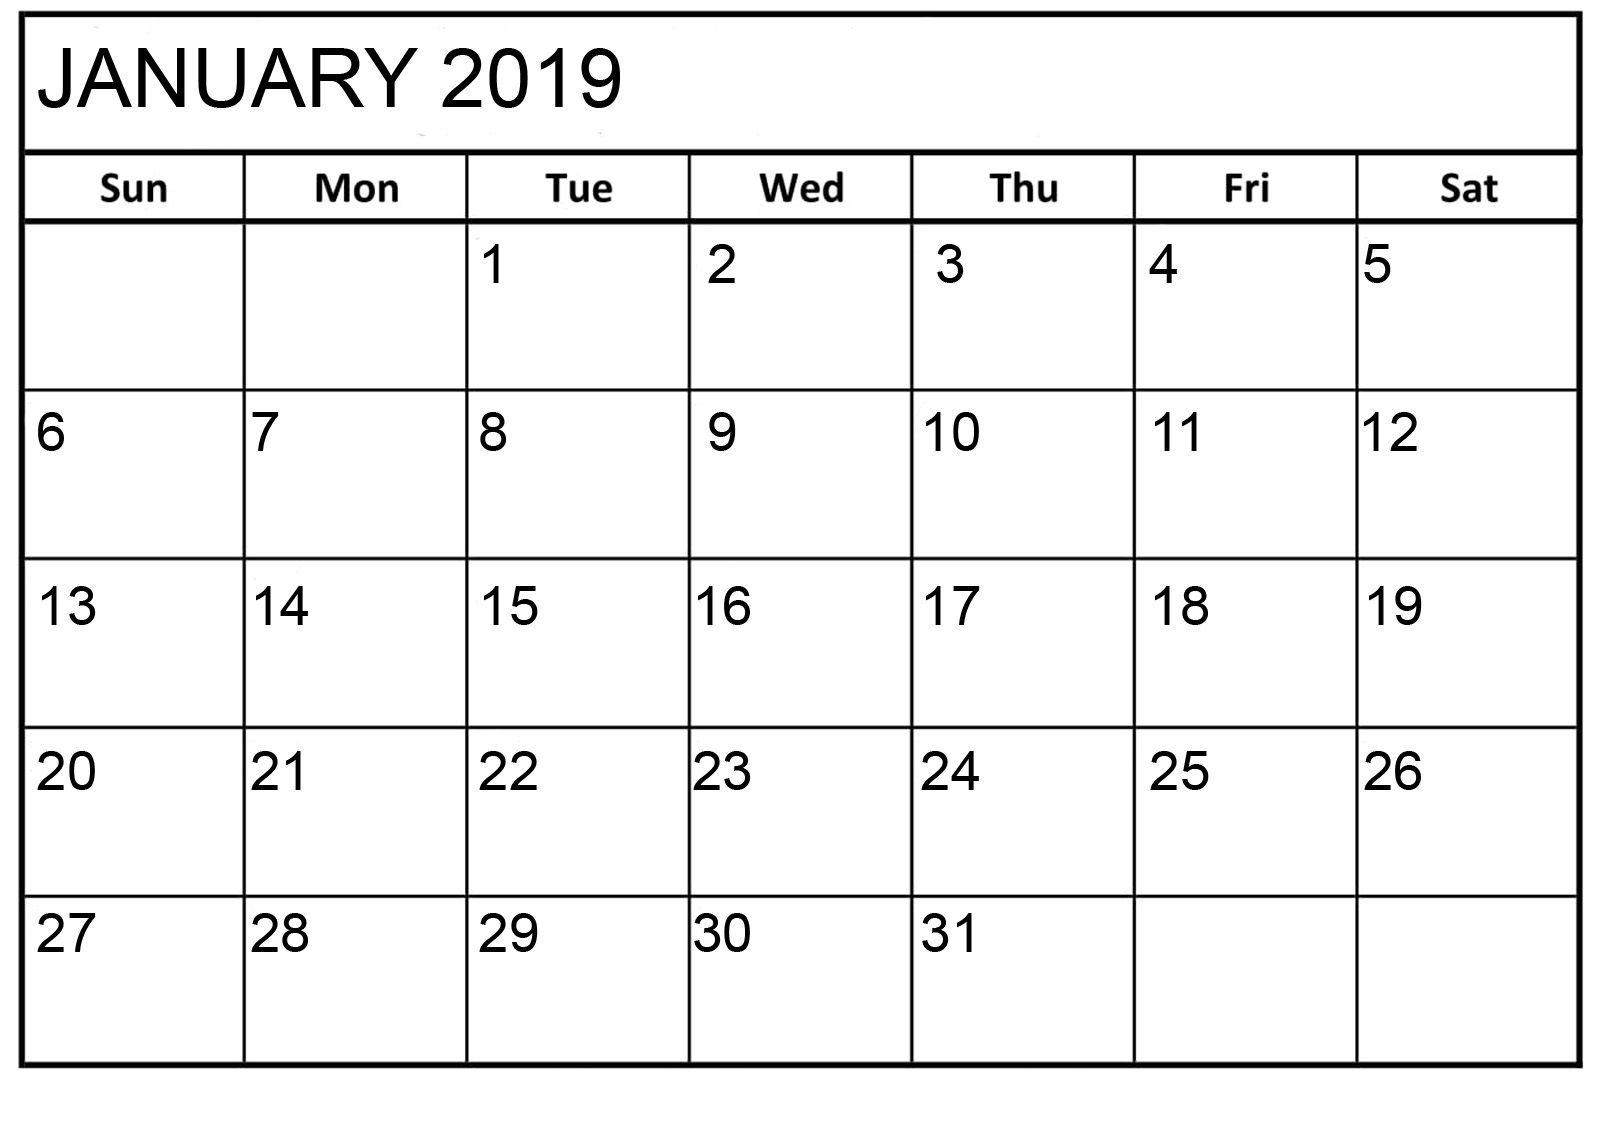 January 2019 Calendar Printable Html | January 2019 Calendar